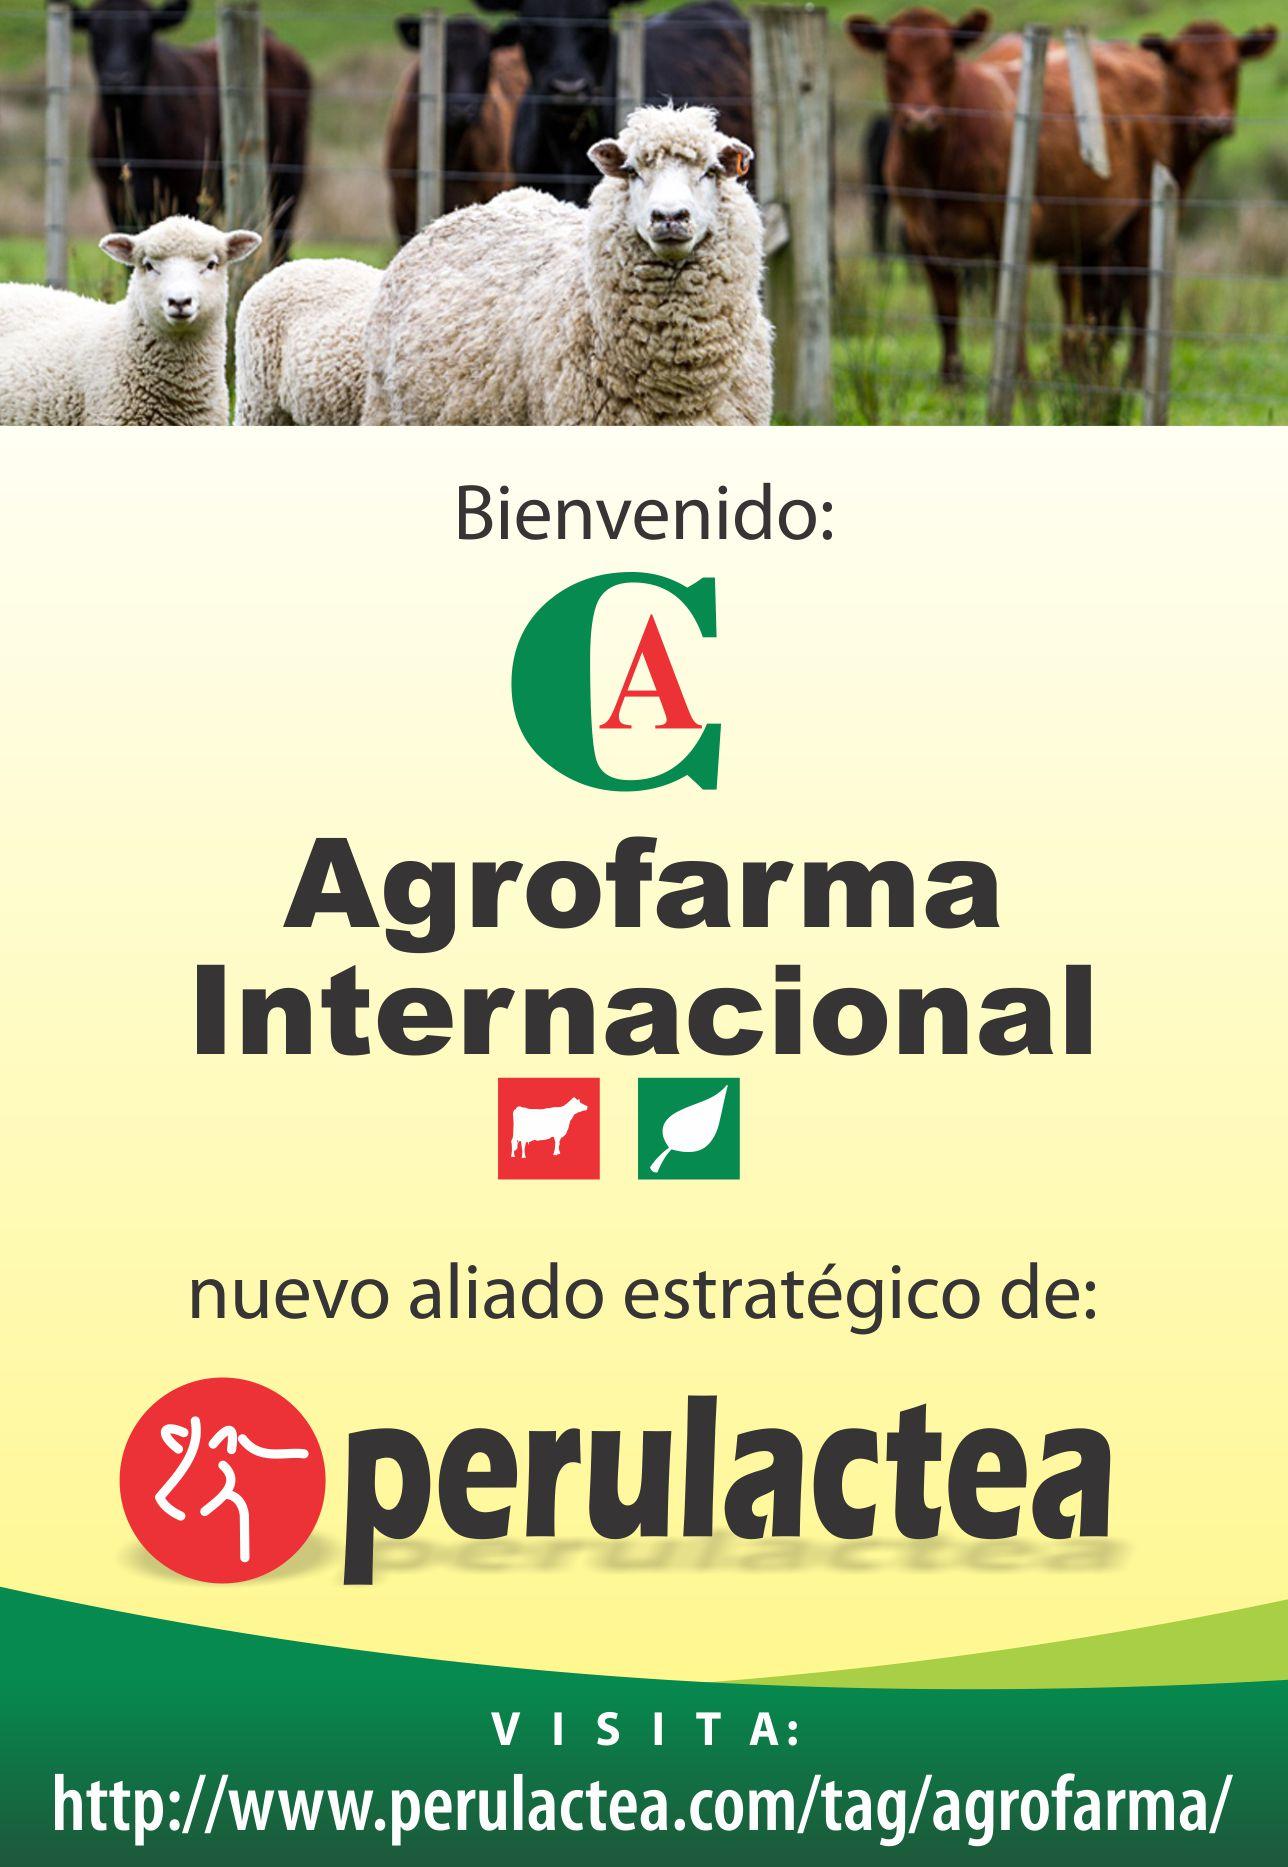 BIENVENIDO agrofarma internacional